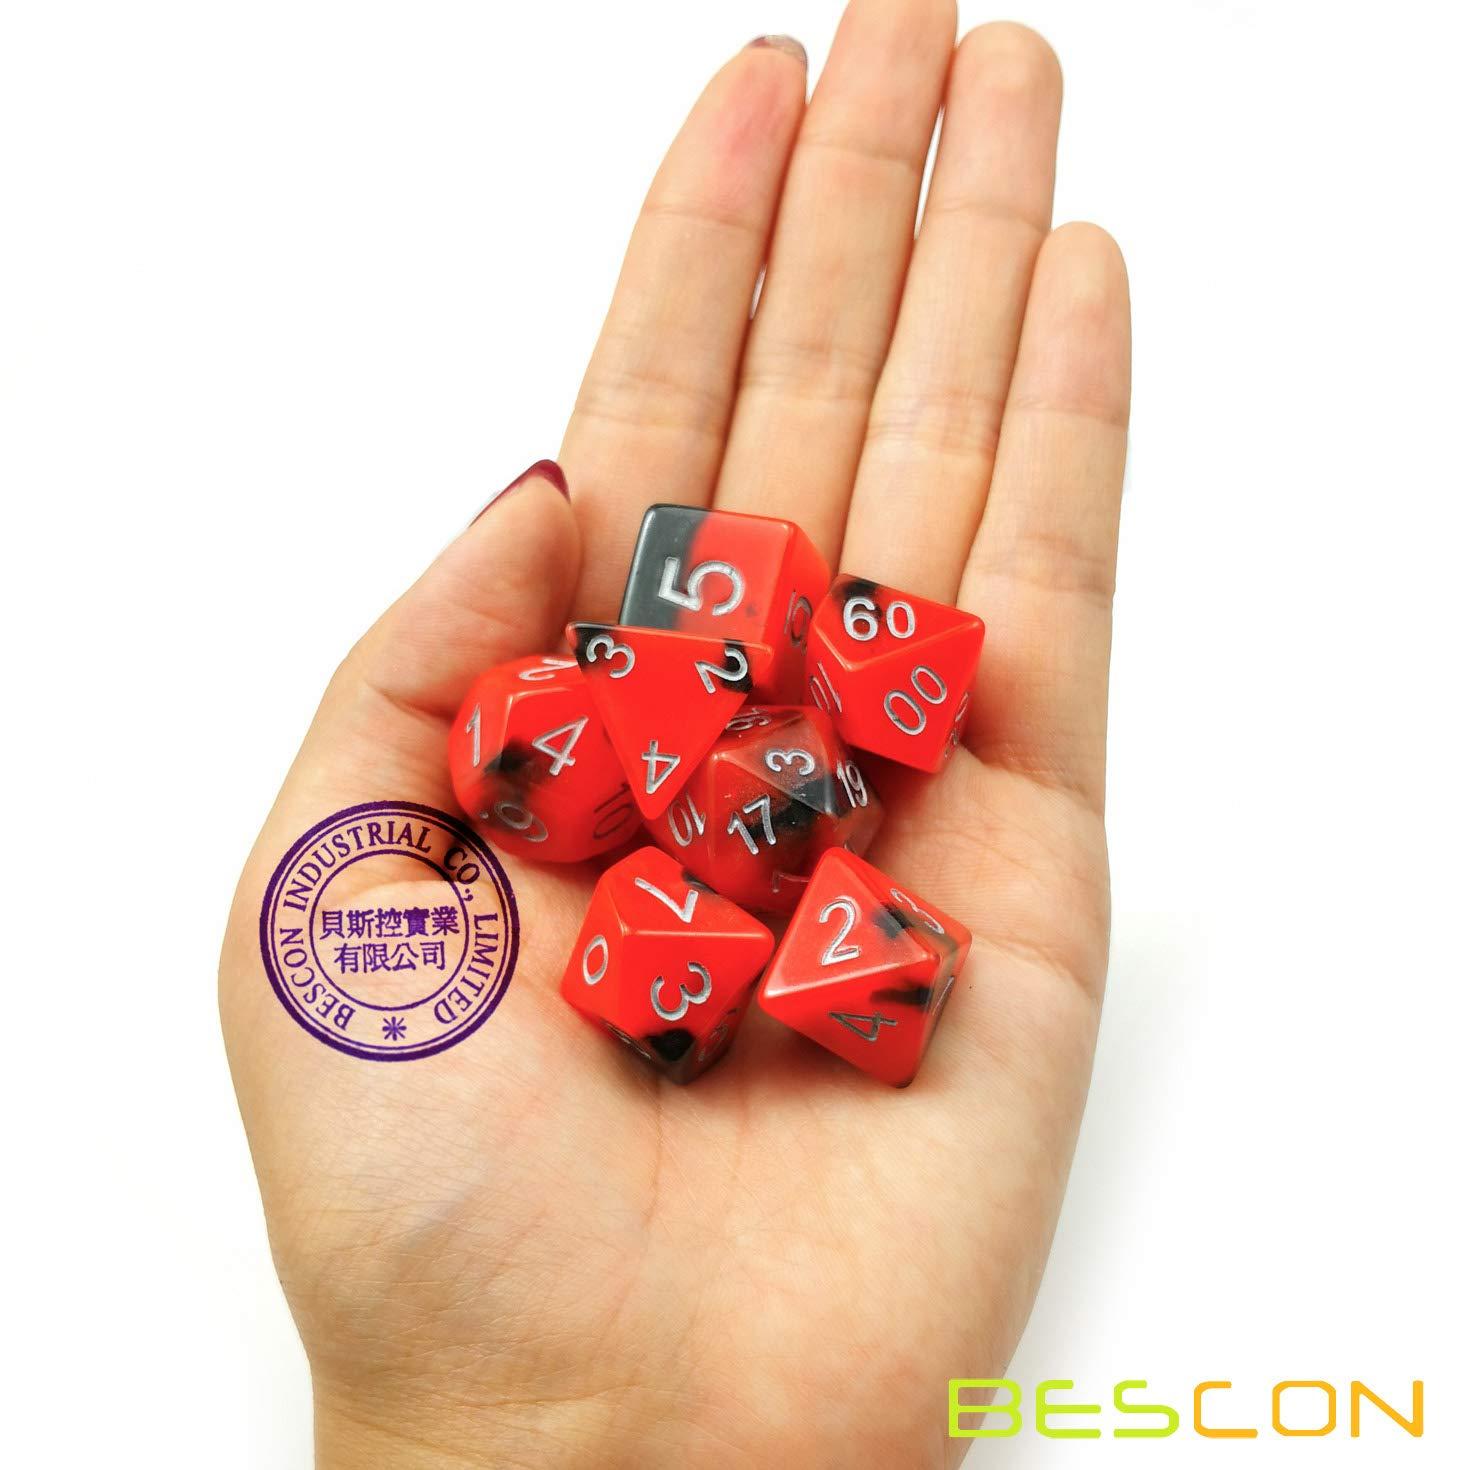 Bescon Gemini Glowing Poly/édrique d/és Lot de 7 HOT ROCKS lumineuse RPG Dice Ensemble D4 D6 D8 D10 D12 D20 D/% Brick Box Emballage